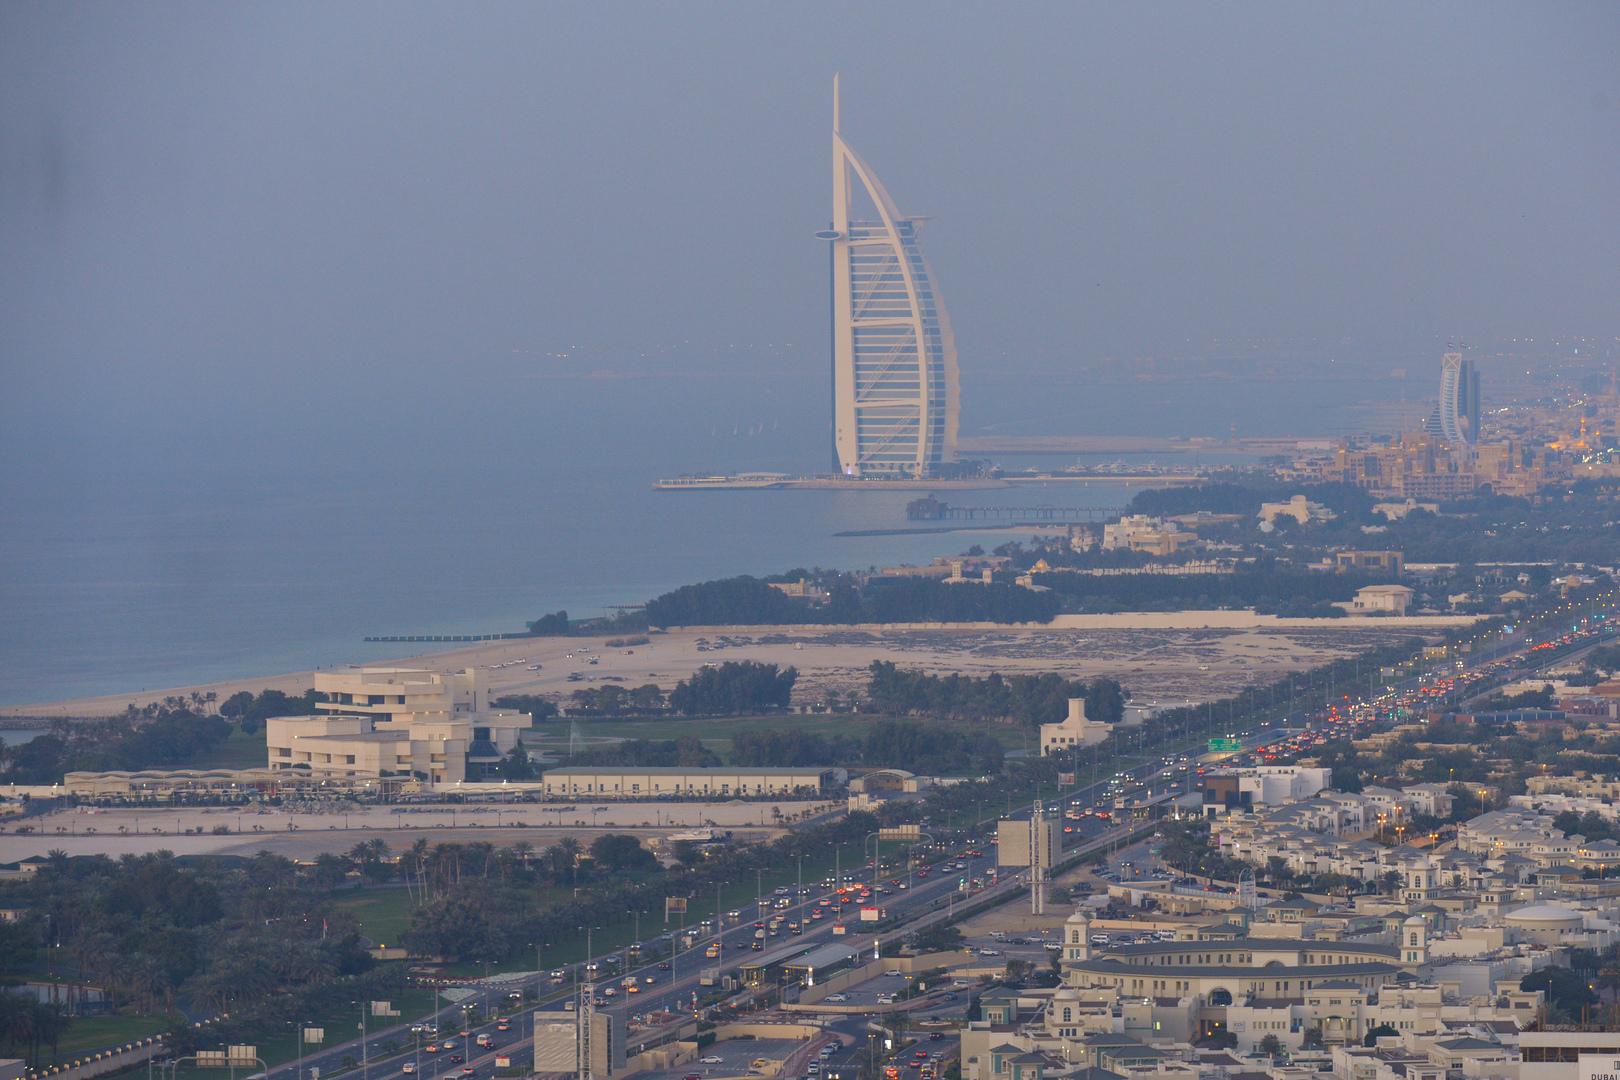 أول تجربة من نوعها.. الإمارات تبدأ إنتاج العلاج بالخلايا المناعية محليا بتقنية الـ